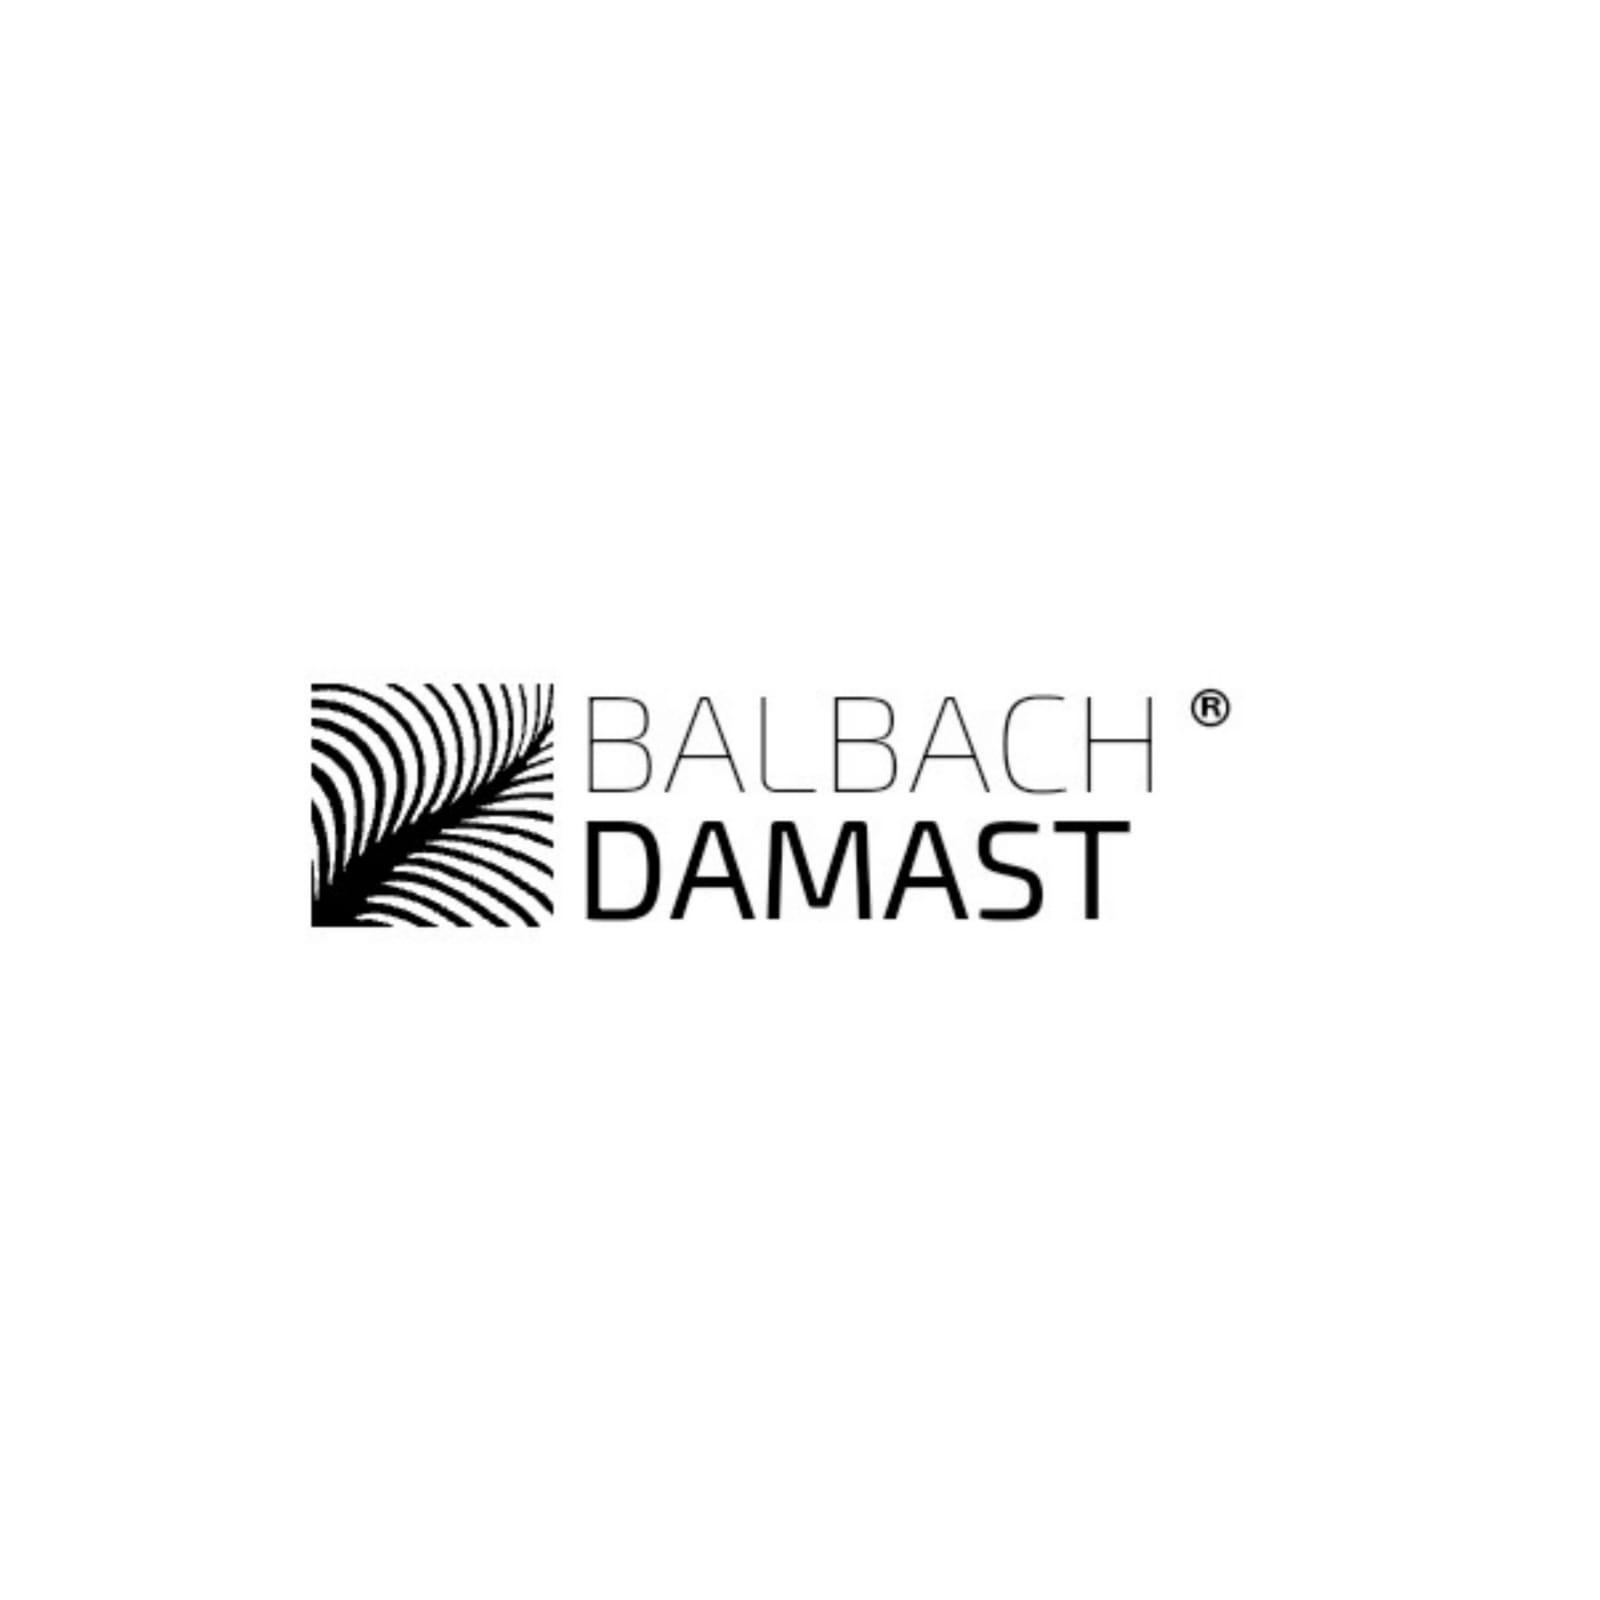 Balbach Damast